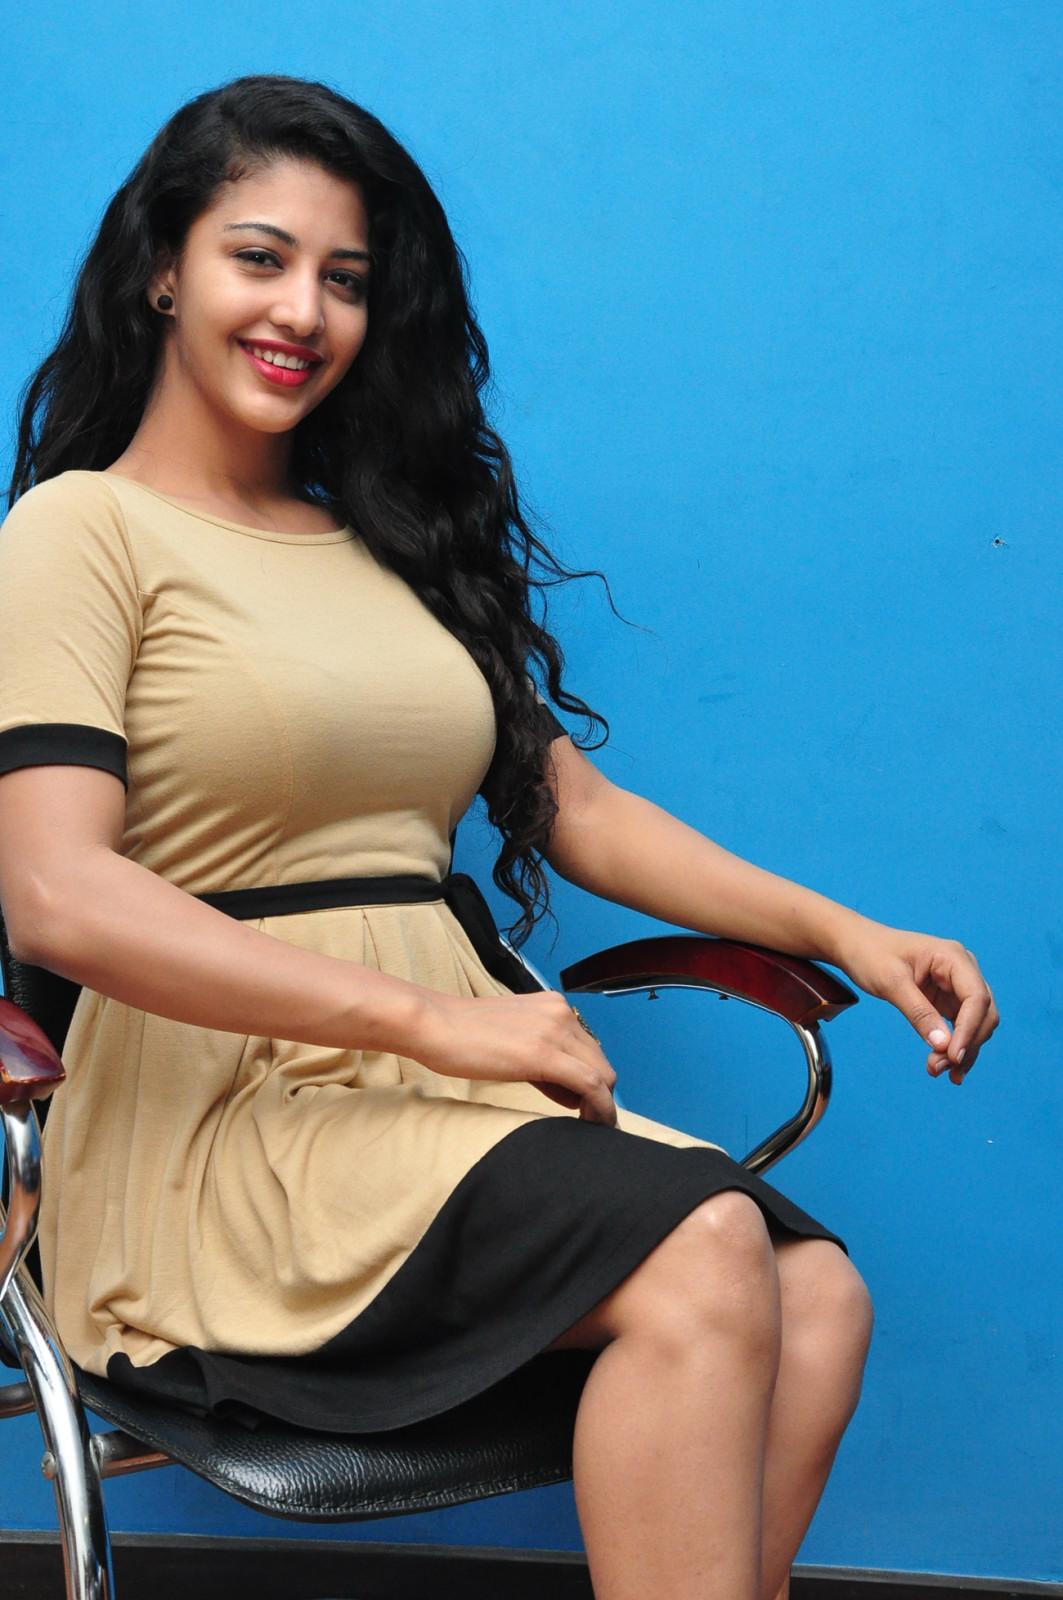 DEBATE sobre belleza, guapura y hermosura (fotos de chicas latinas, mestizas, y de todo) - VOL II - Página 7 Hora-Hori-heroine-Daksha-Nagarkar-photos-007